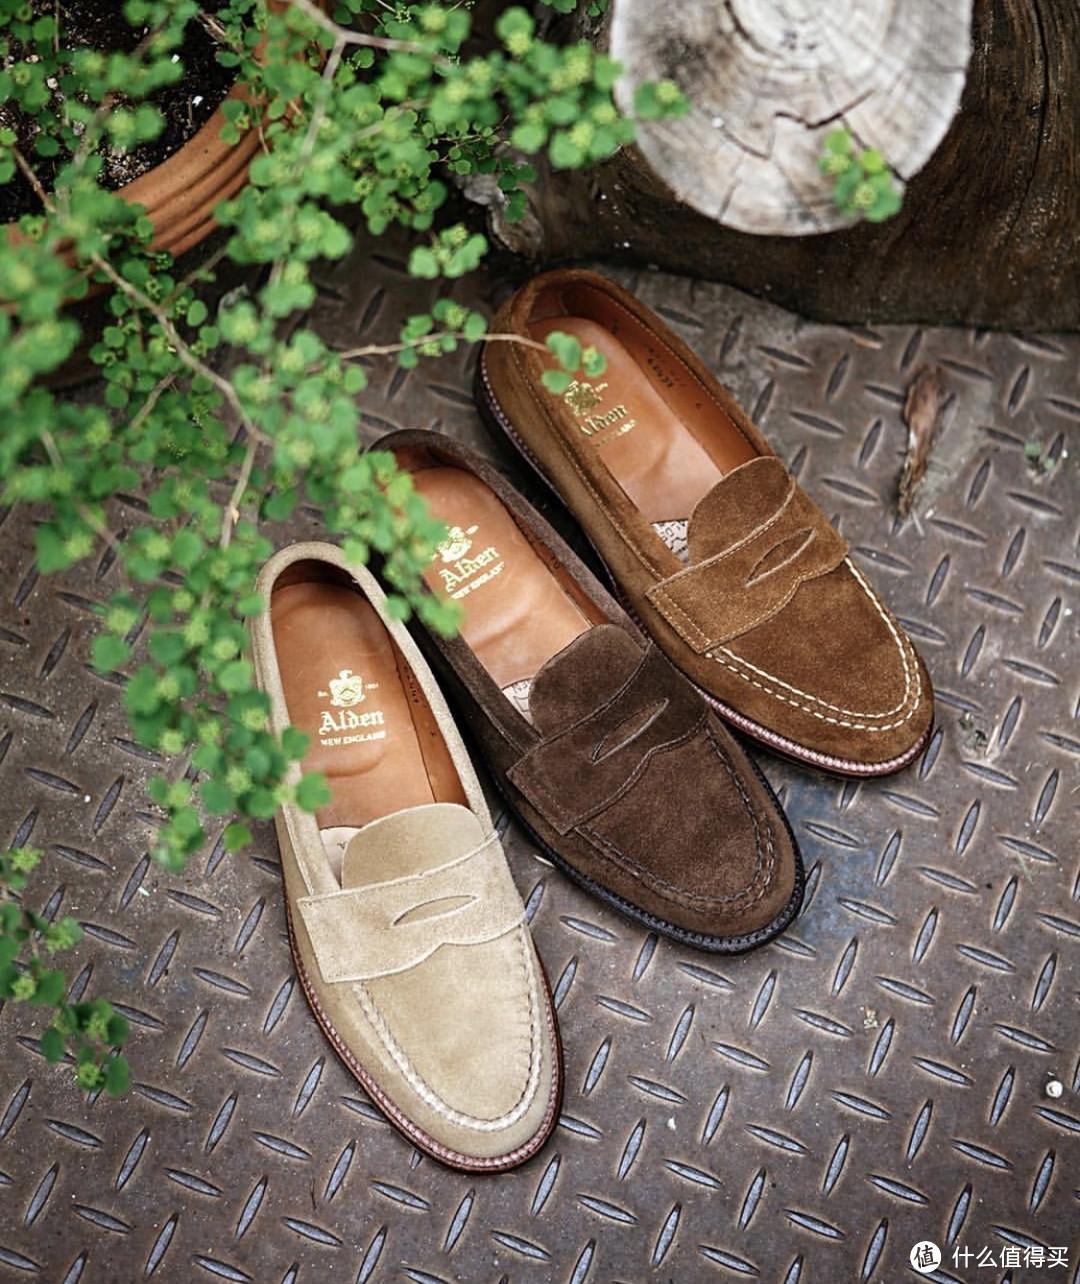 alden 翻毛 penny loafer